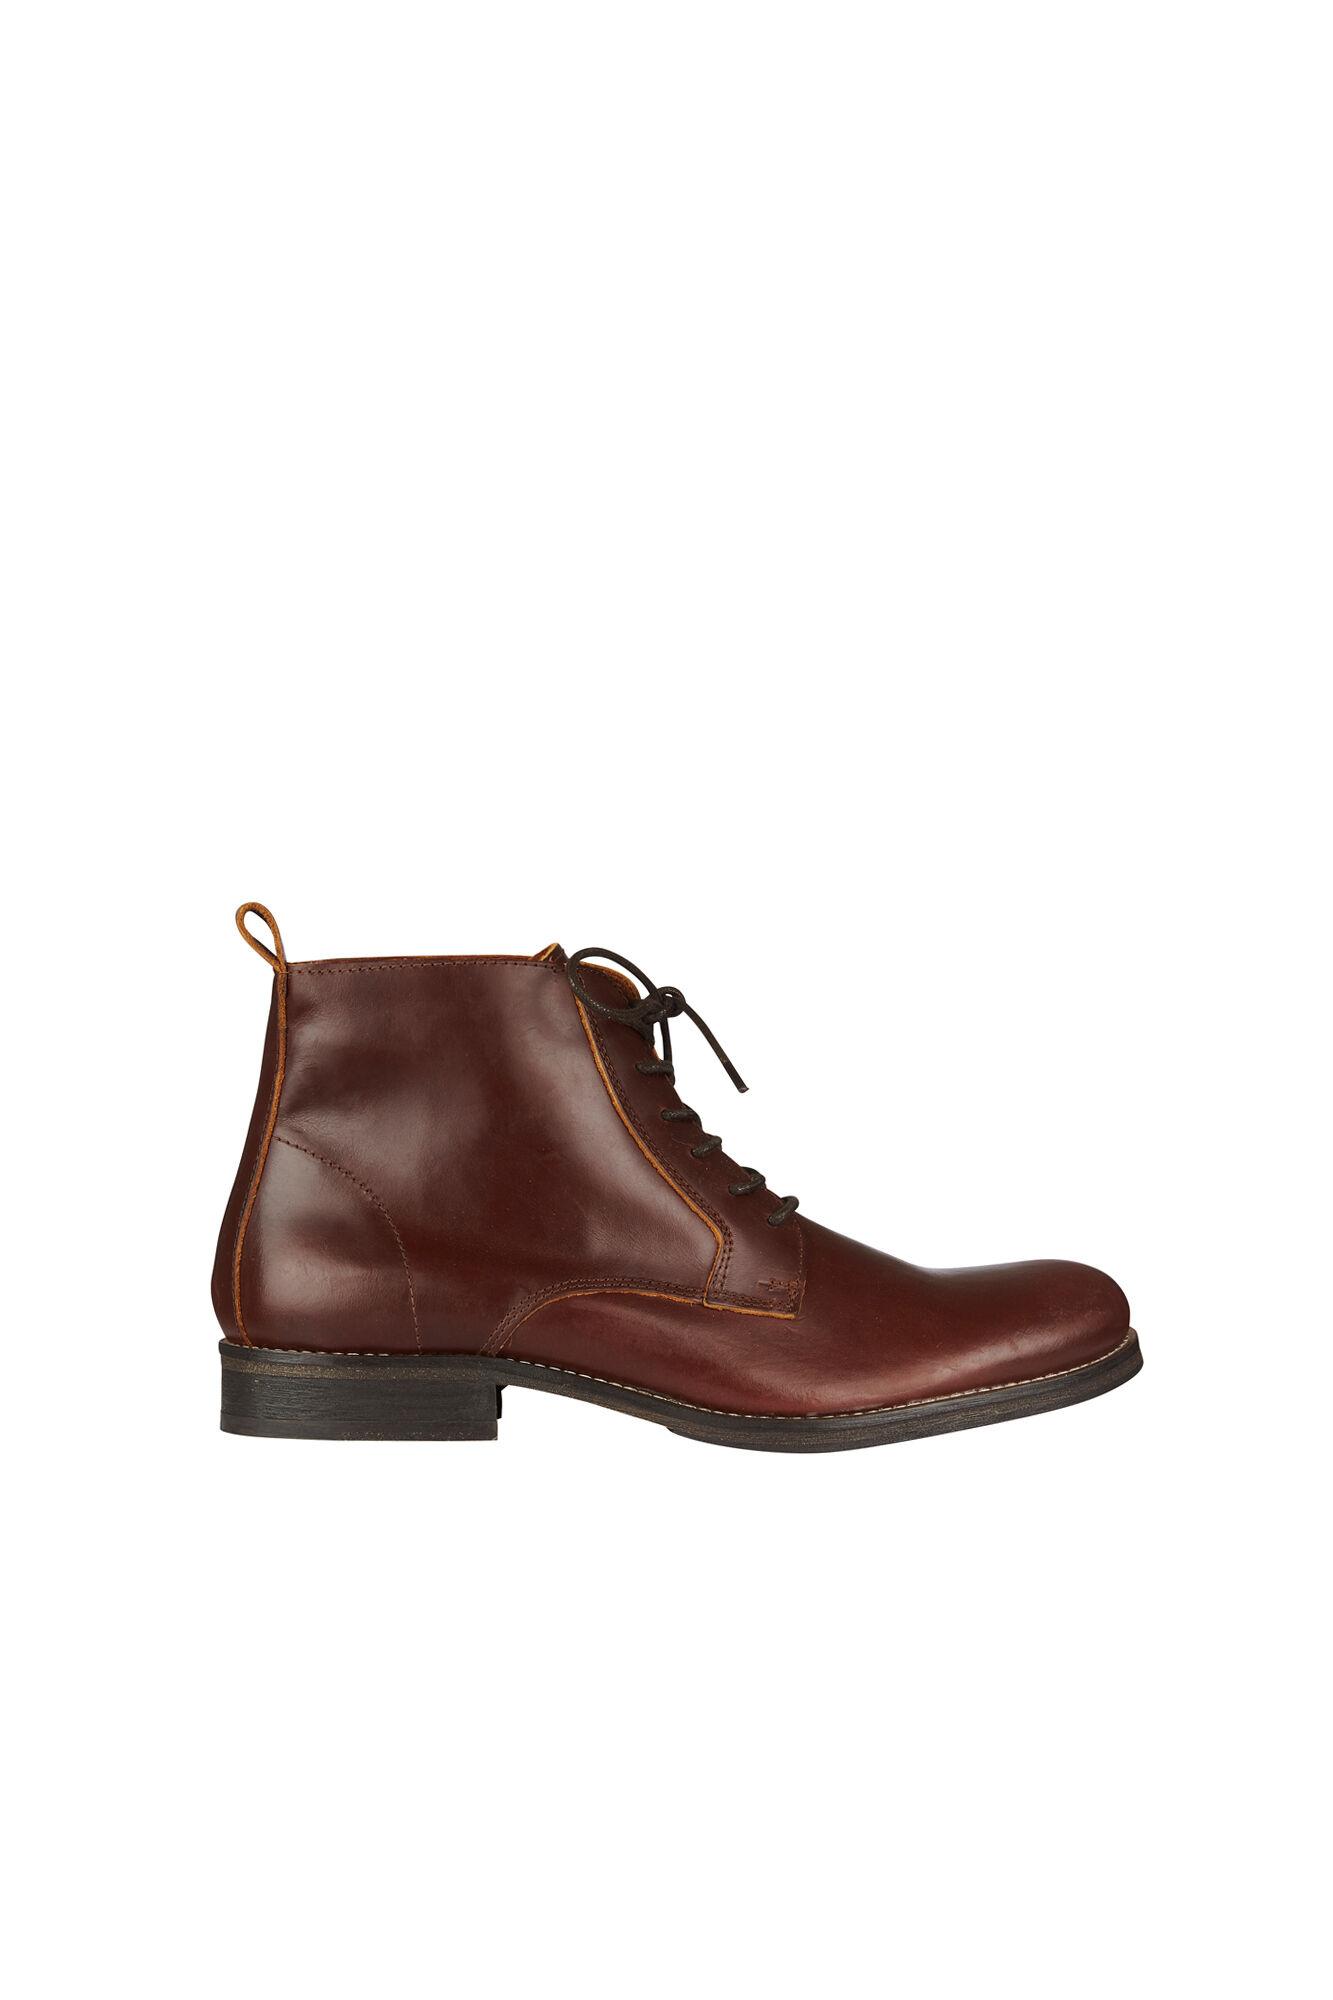 Wan boot 5935, COGNAC